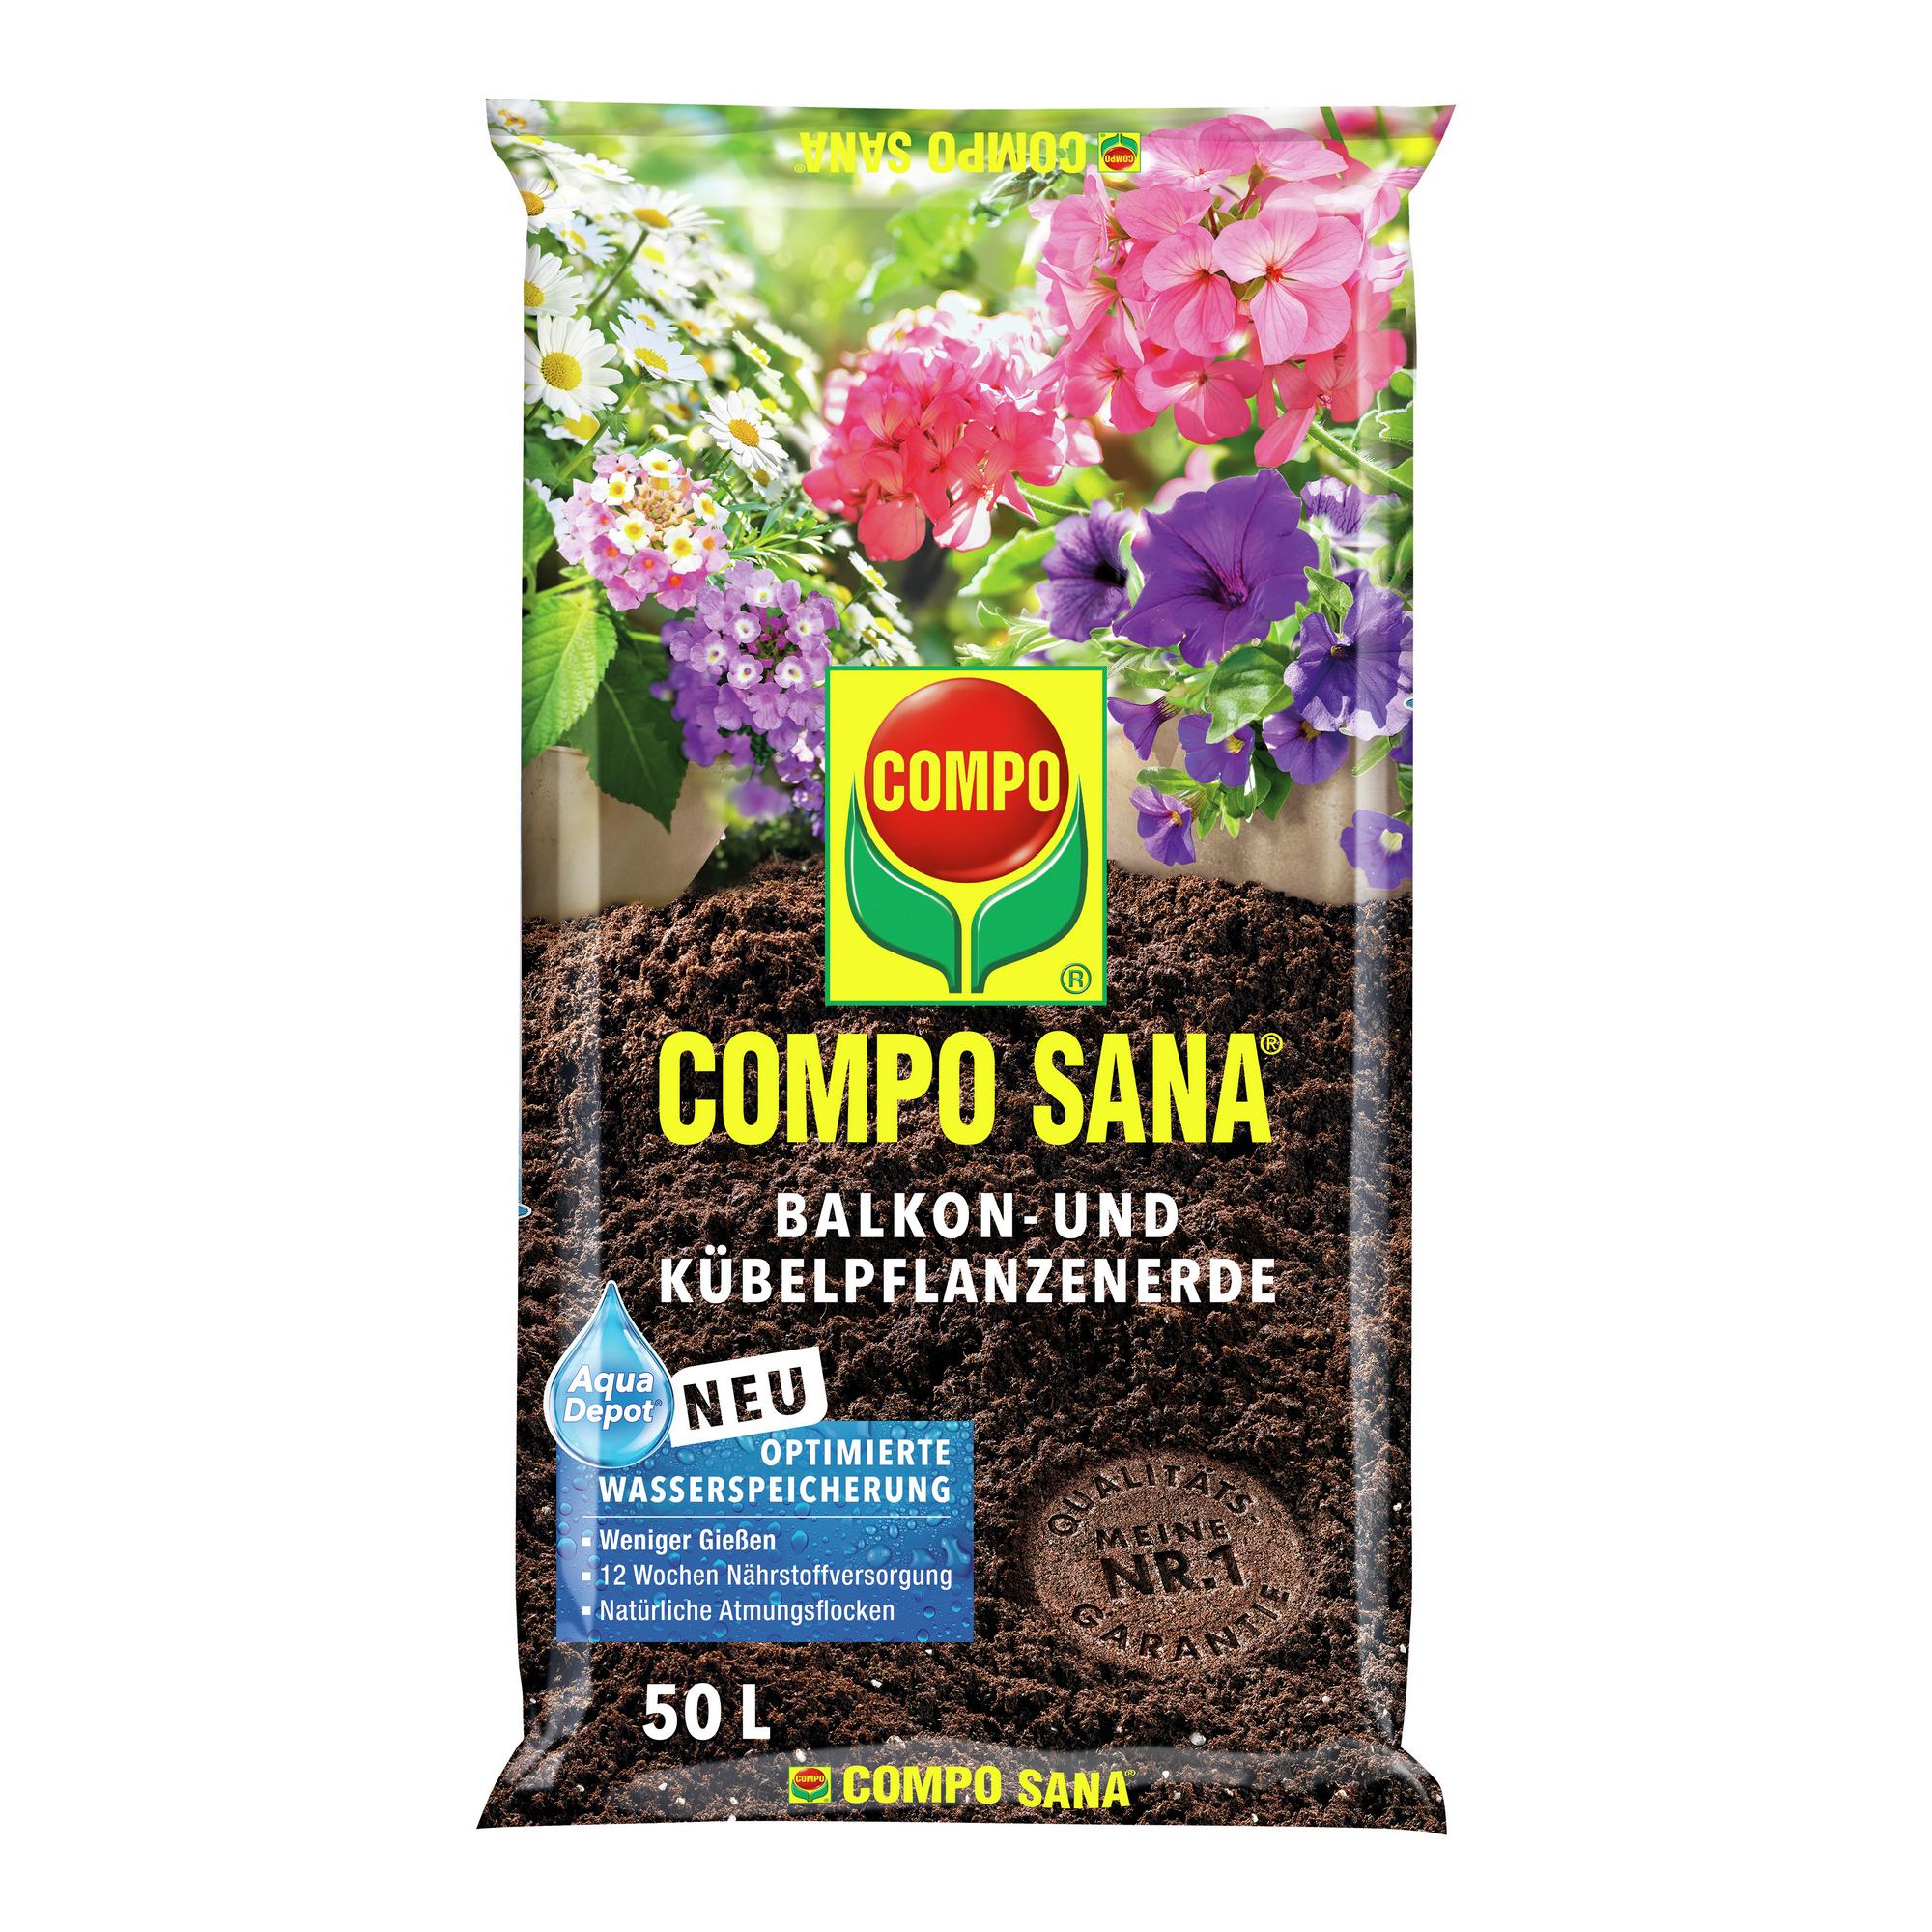 Balkon- und Kübelpflanzerde 'Compo Sana' 50 l